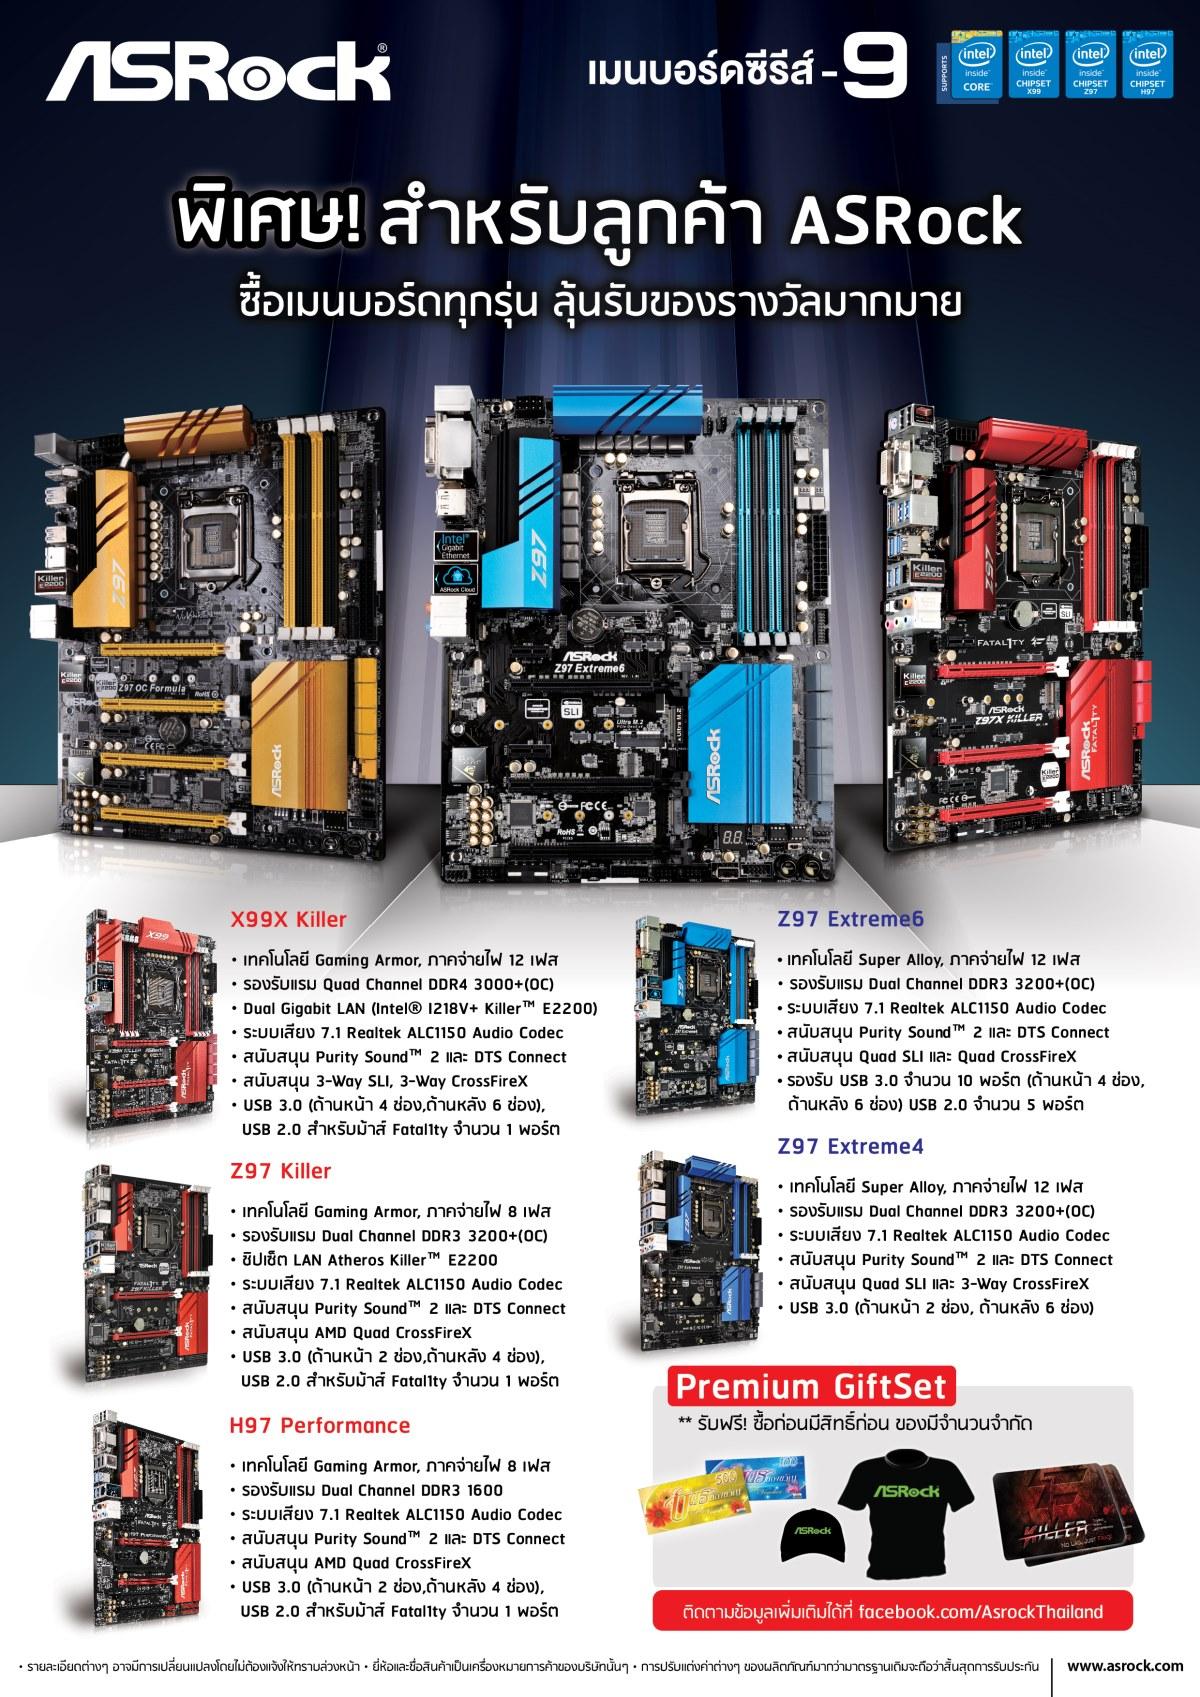 Asrock-A4-Brochure